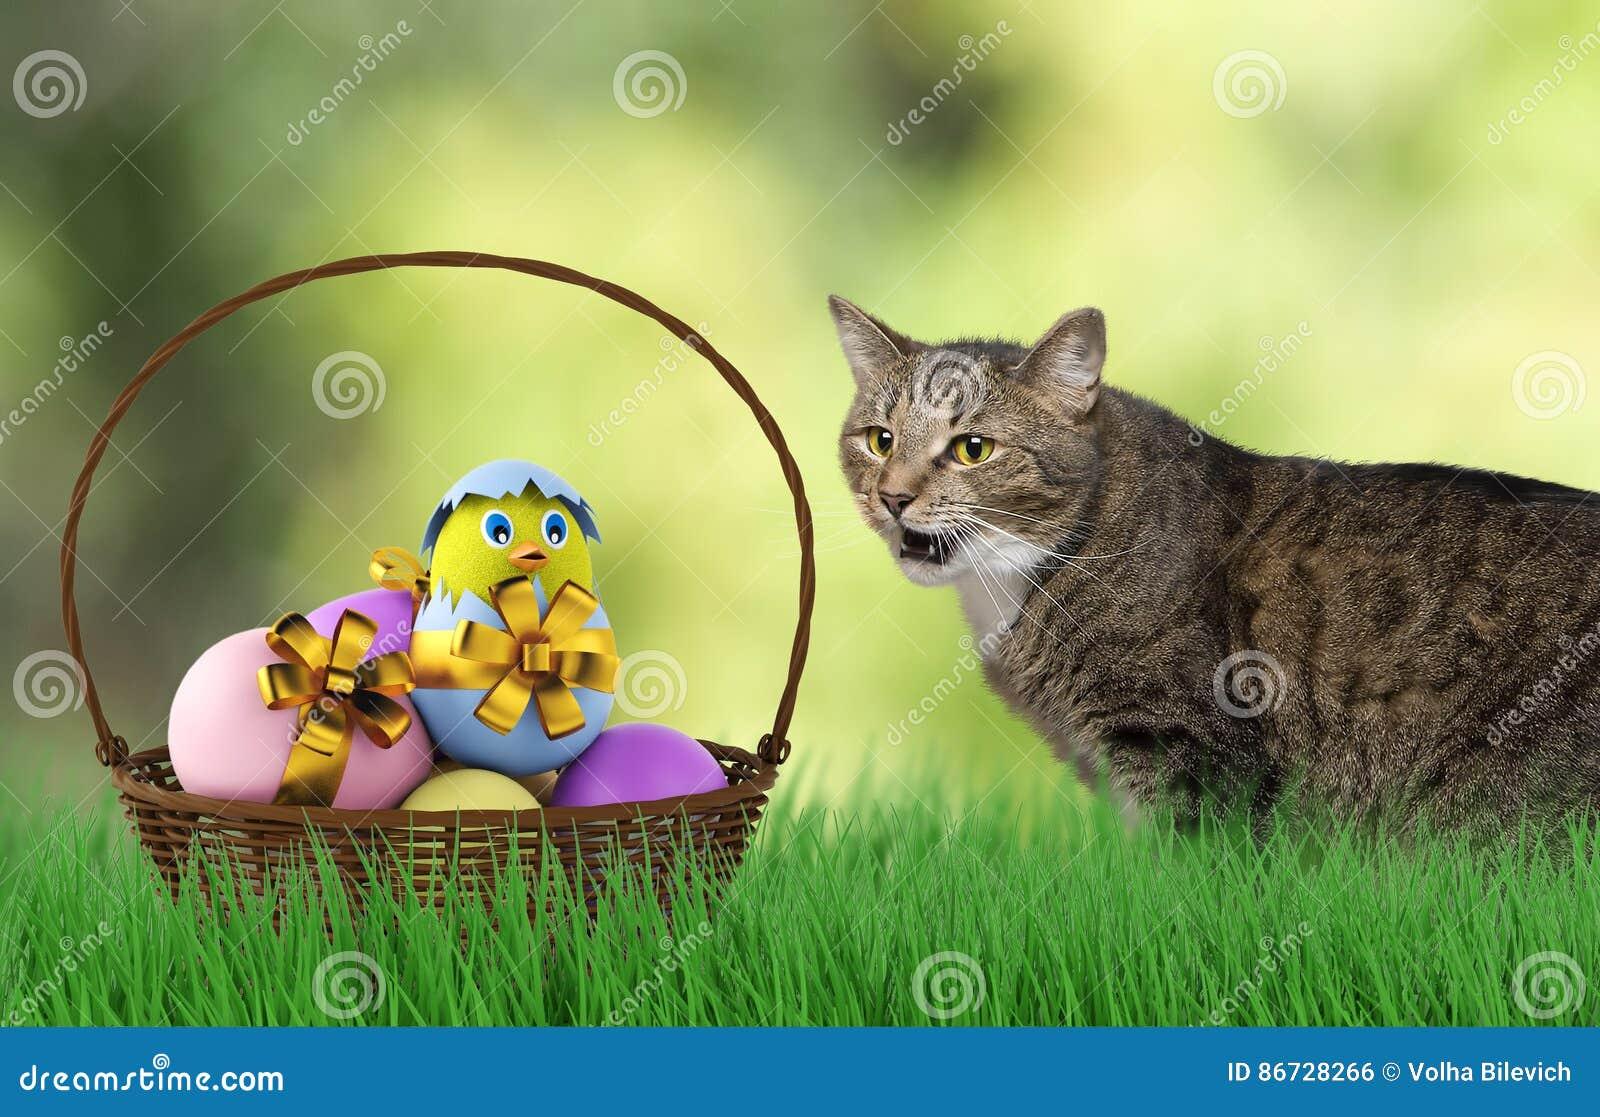 when to declaw a kitten